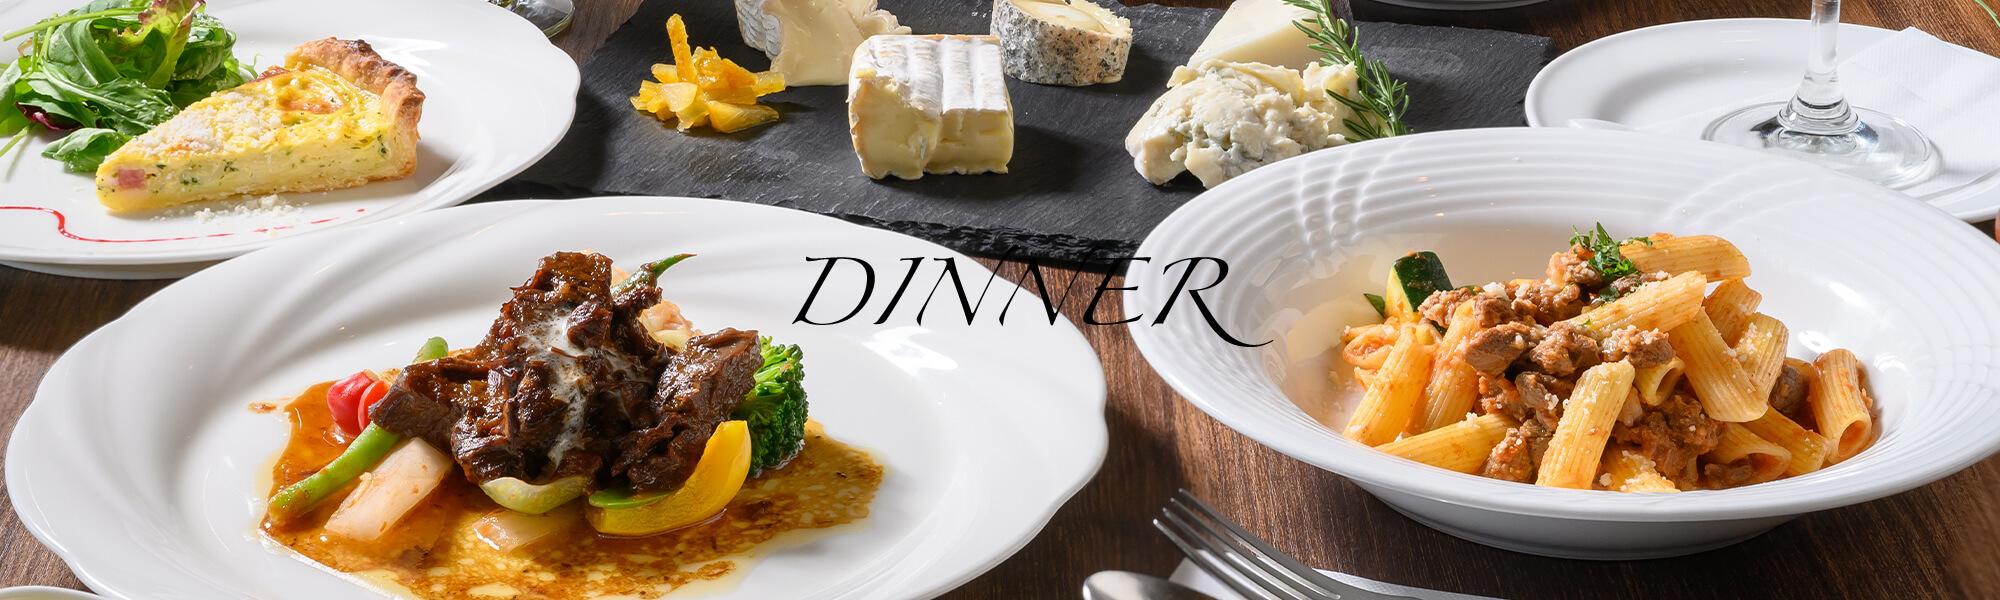 ディナーのためのイタリア料理が並んだ画像